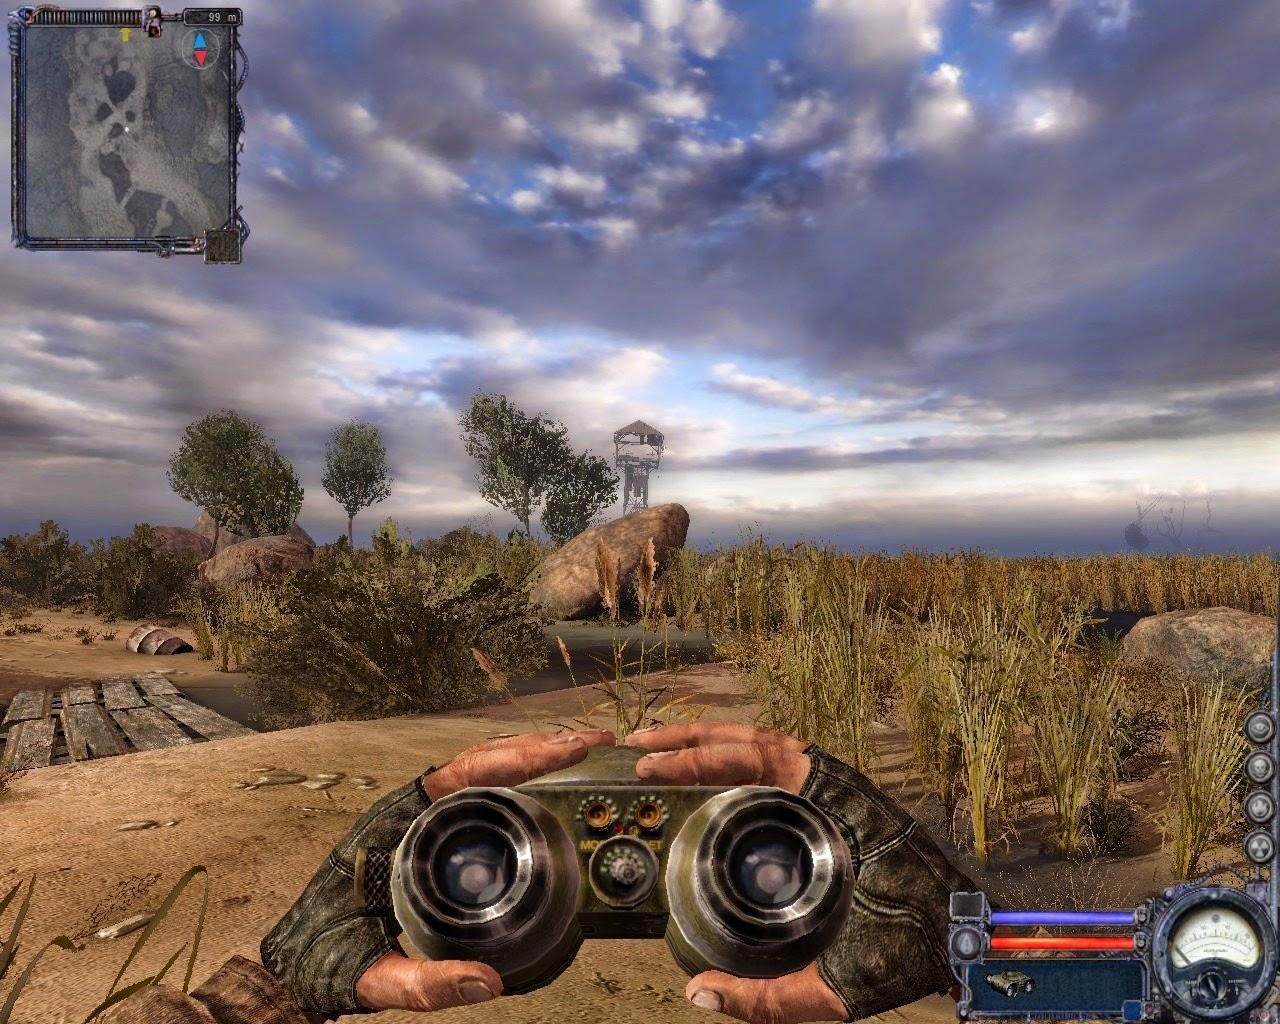 S.T.A.L.K.E.R.: Clear Sky Tools